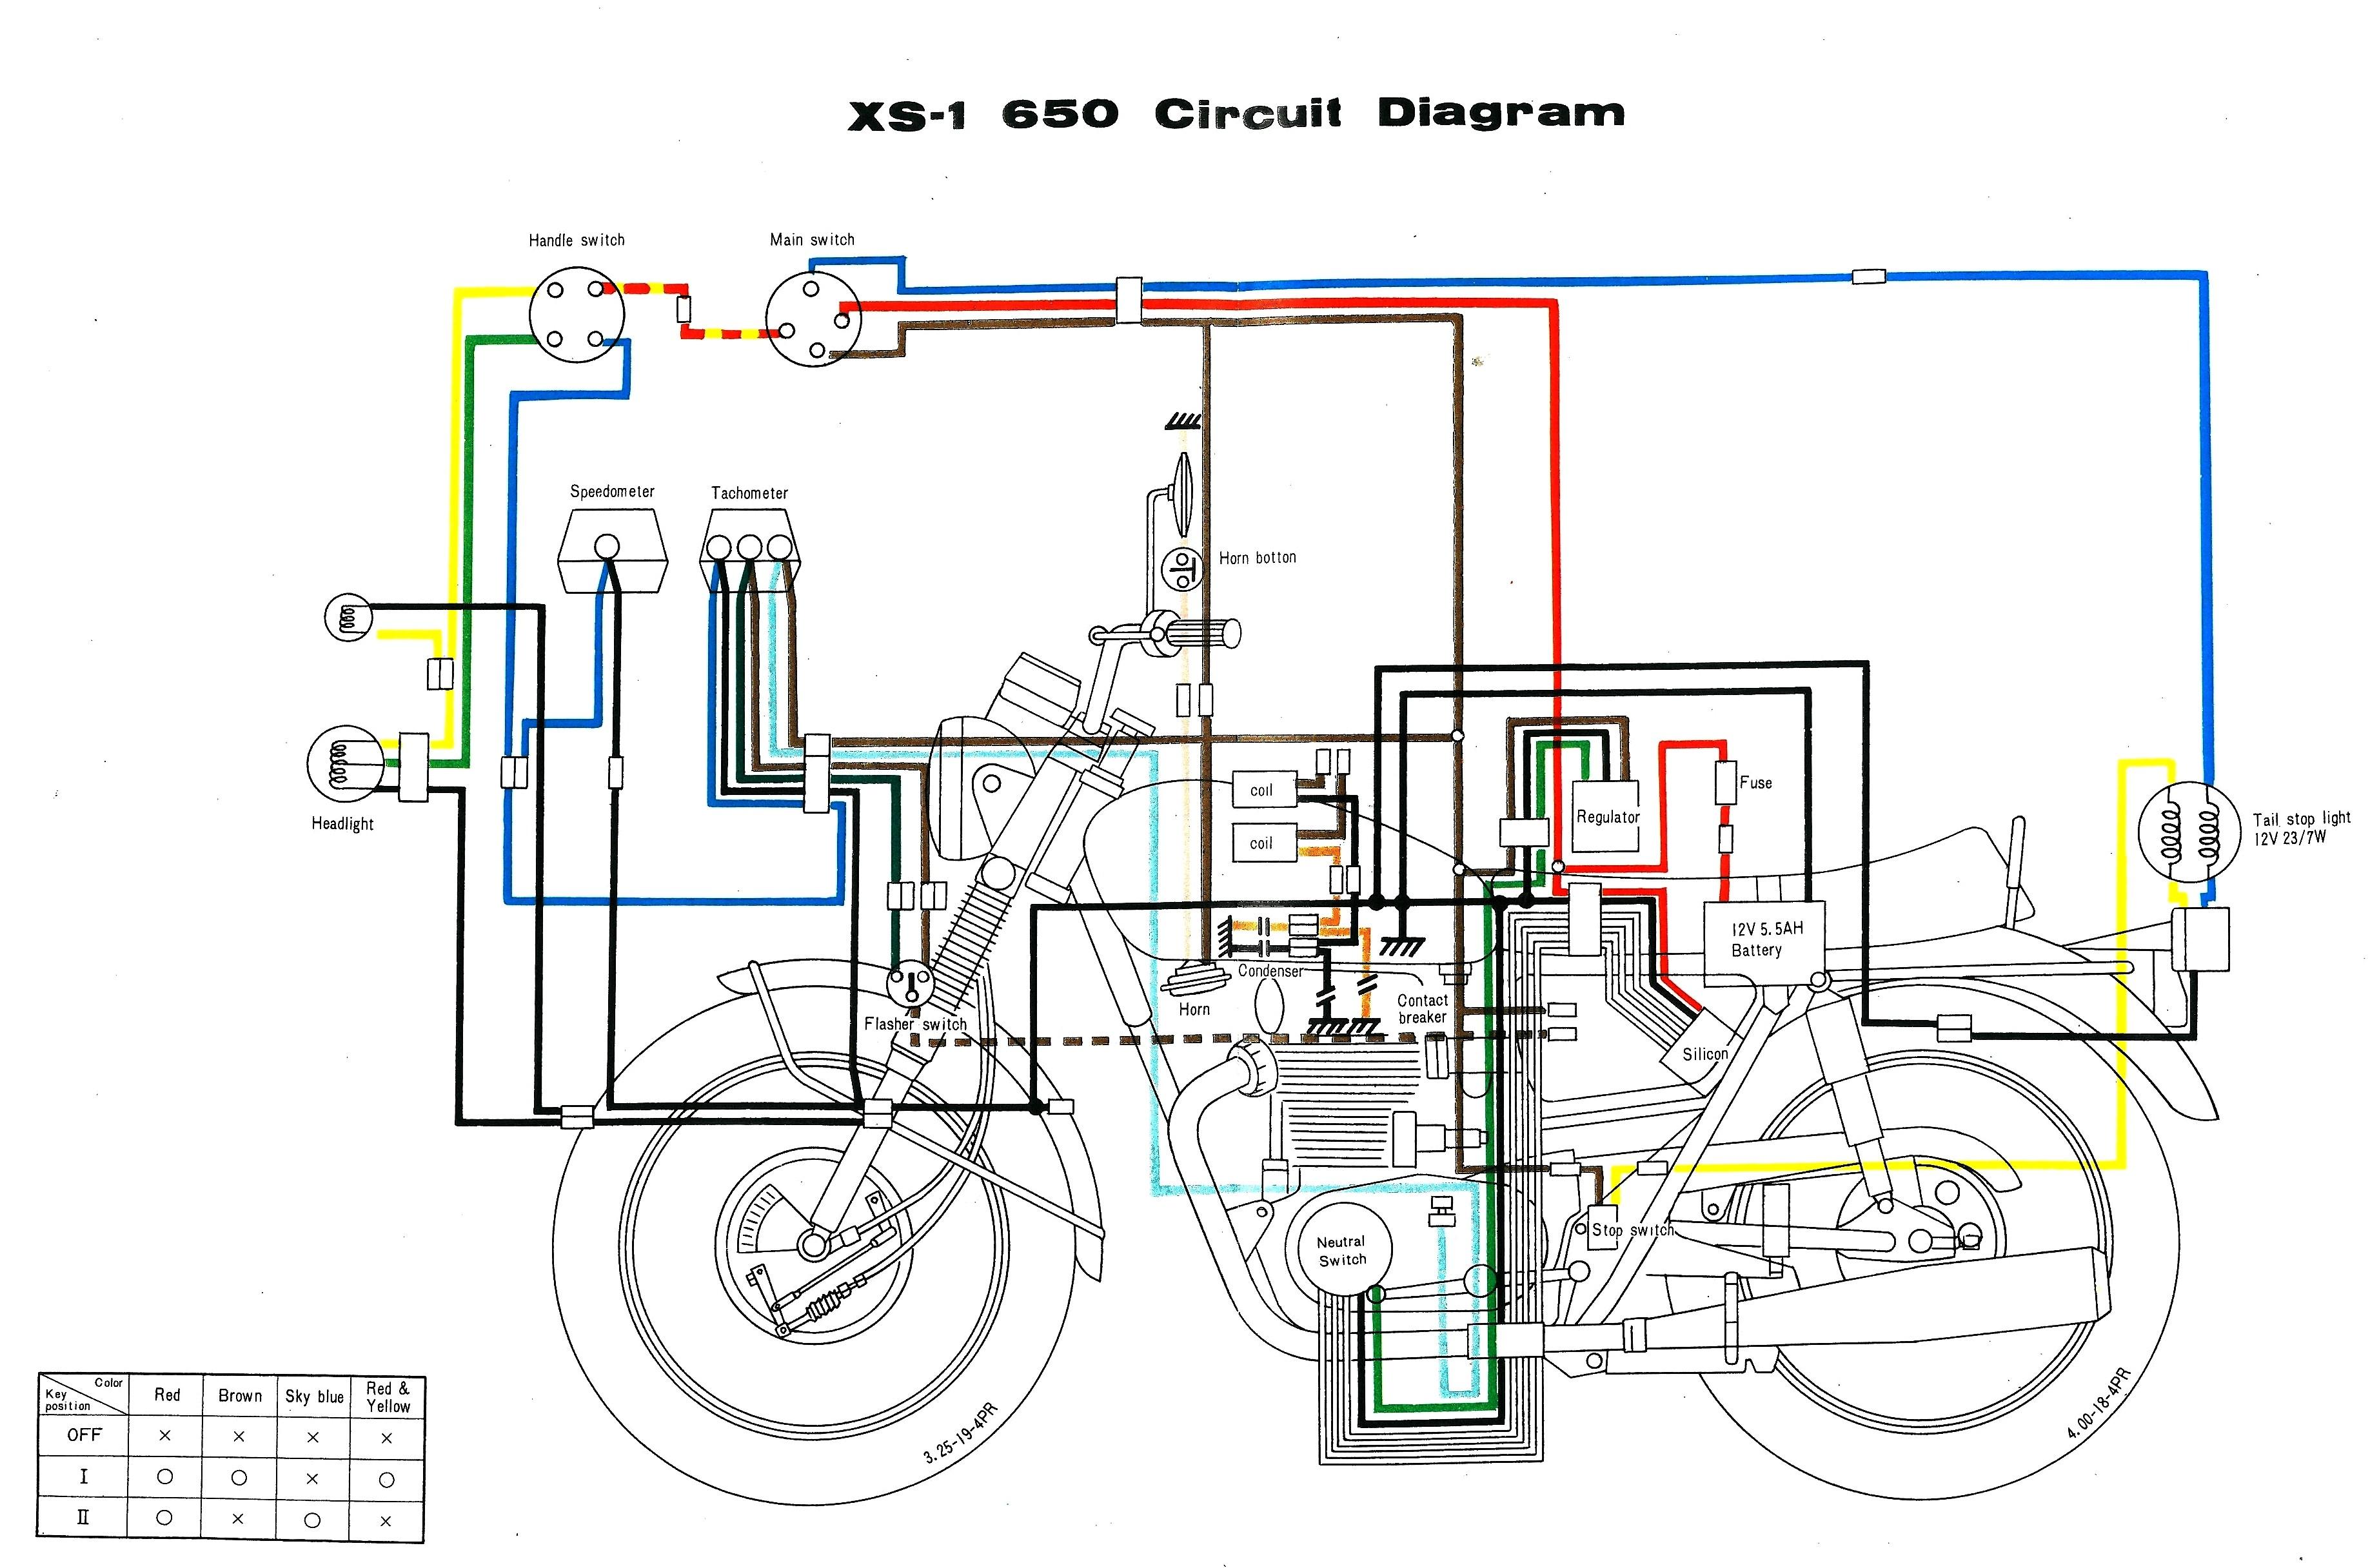 Saturn Sl2 Engine Diagram Iwak Kutok Saturn Sl1 Engine Diagram Wiring Info • Of Saturn Sl2 Engine Diagram